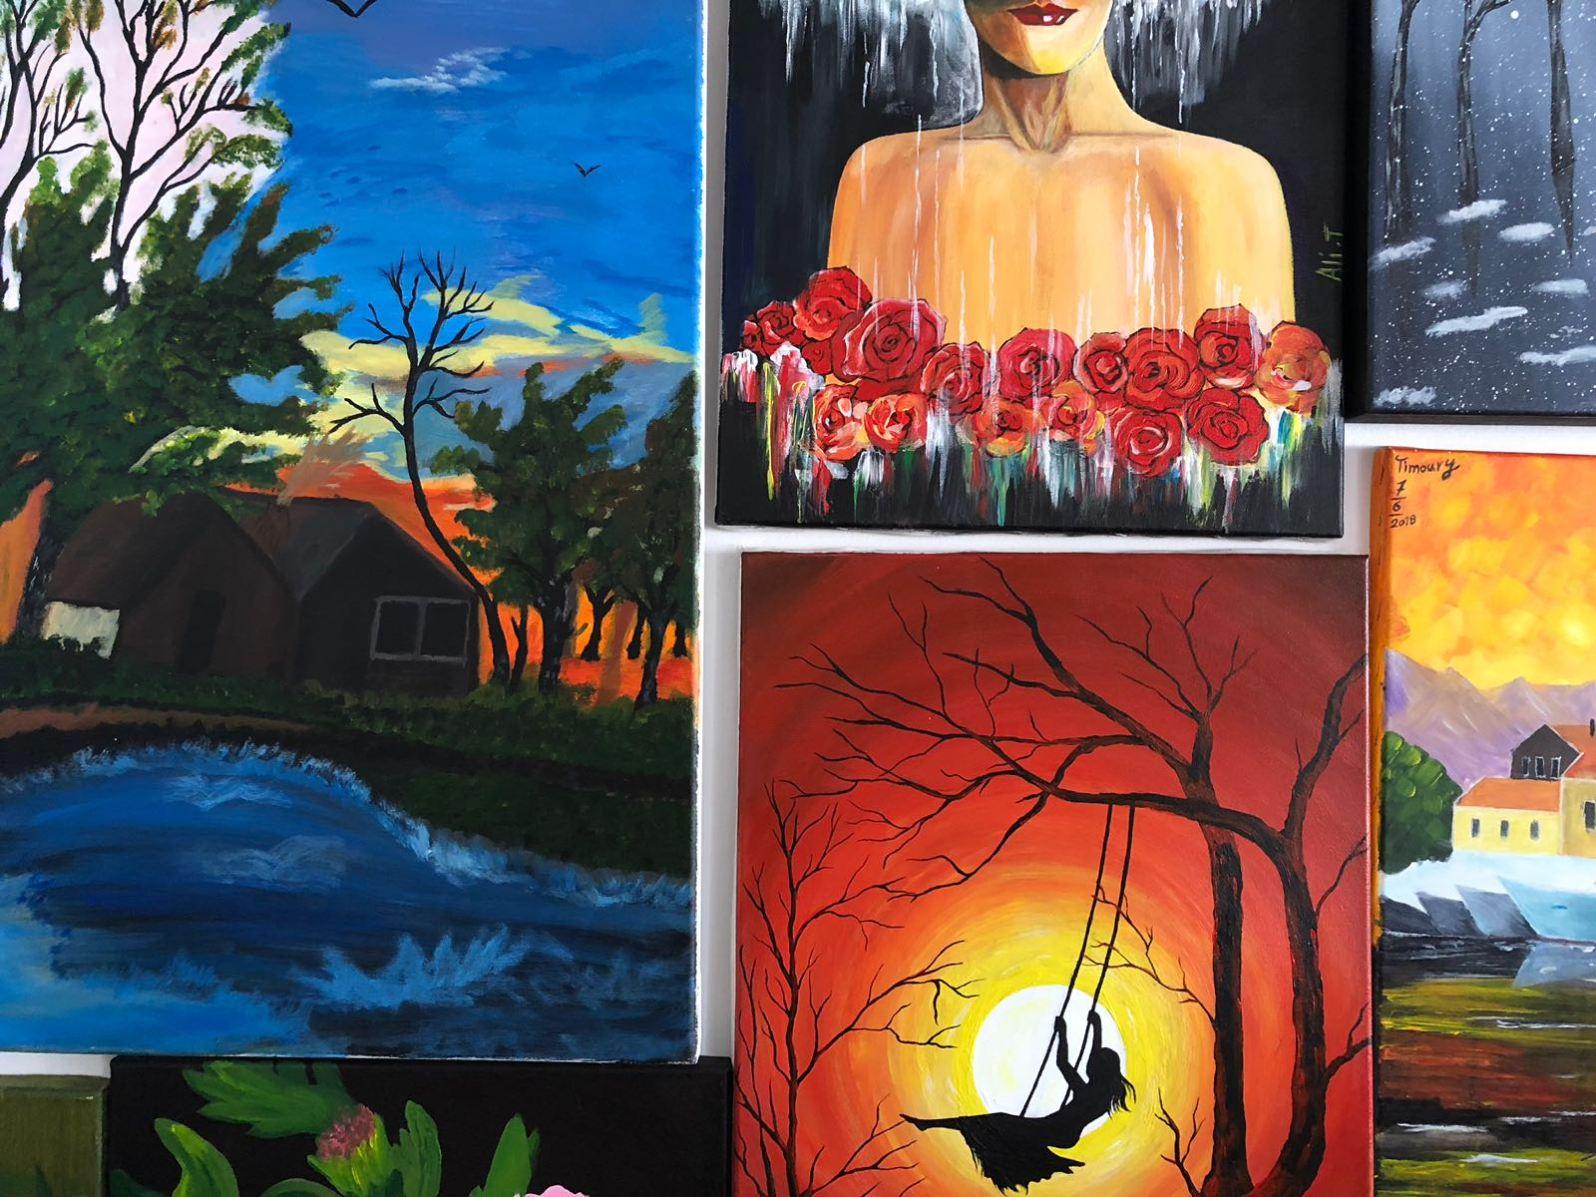 Die Gefluchteten konnen sich in Workshops künstlerisch ausleben